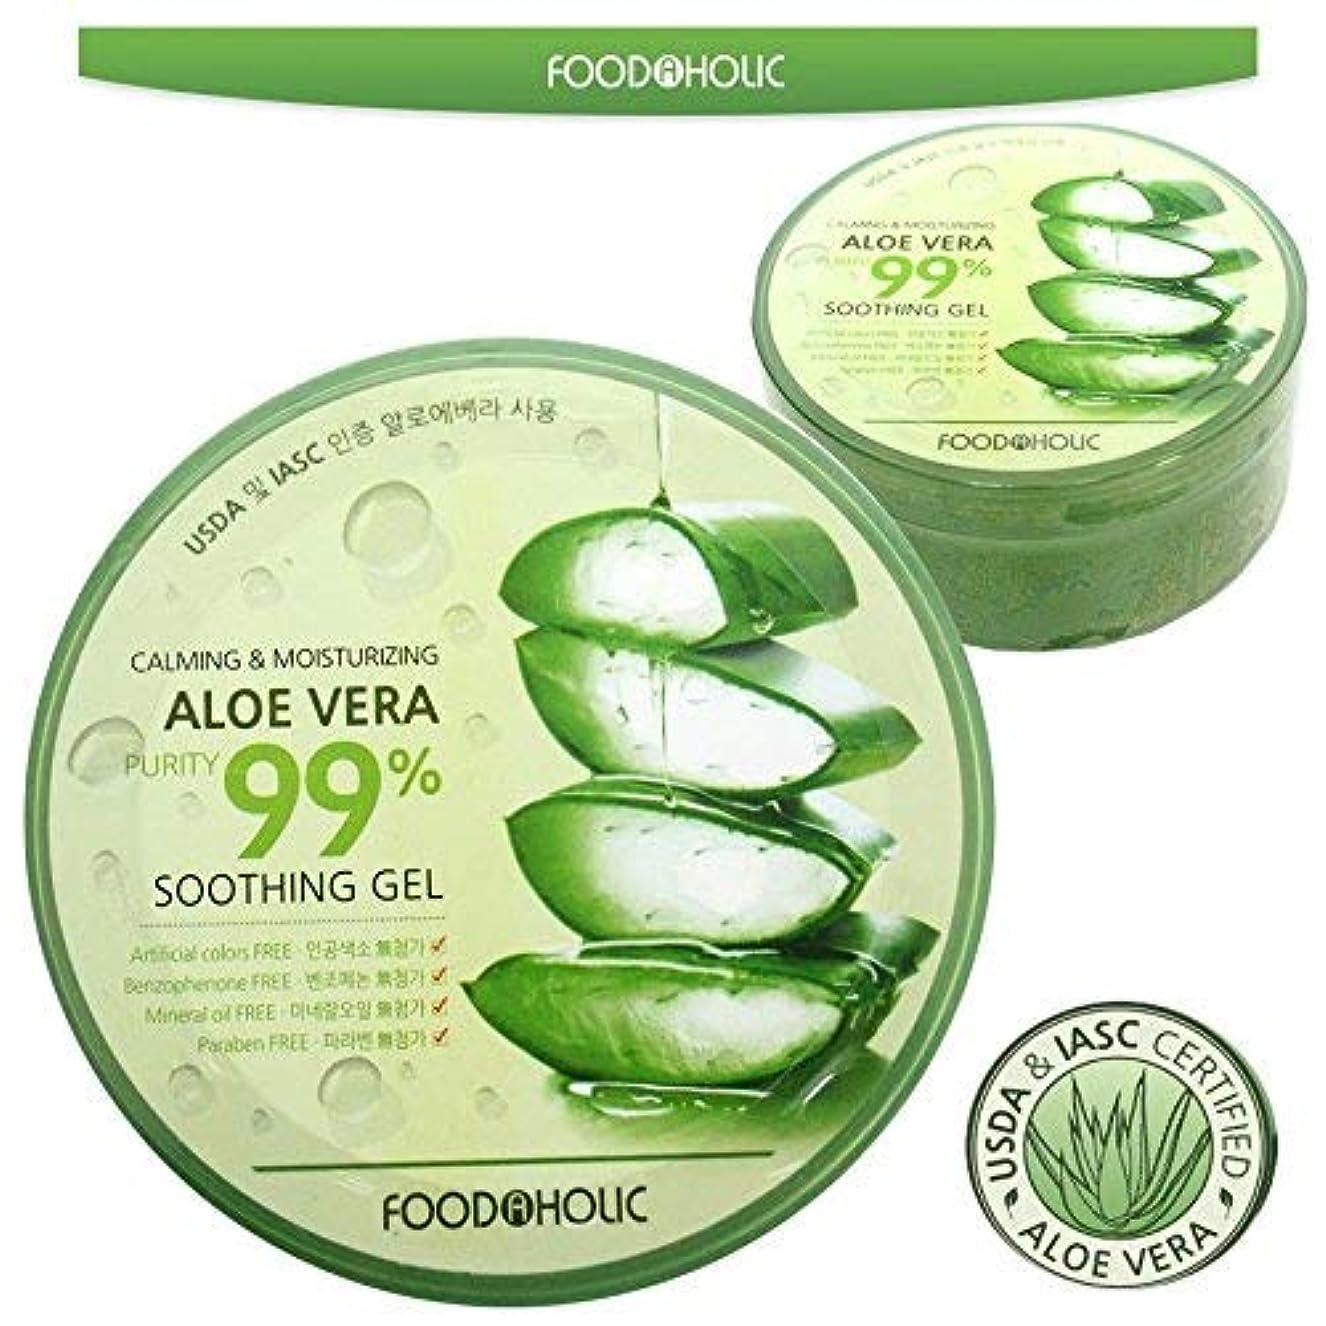 拡張住むメルボルン[FOOD A HOLIC] 穏やかな&保湿アロエベラ純度は99%スージングジェル(300ml * 1EA) / Calming & Moisturizing Aloe Vera Purity 99% Soothing...